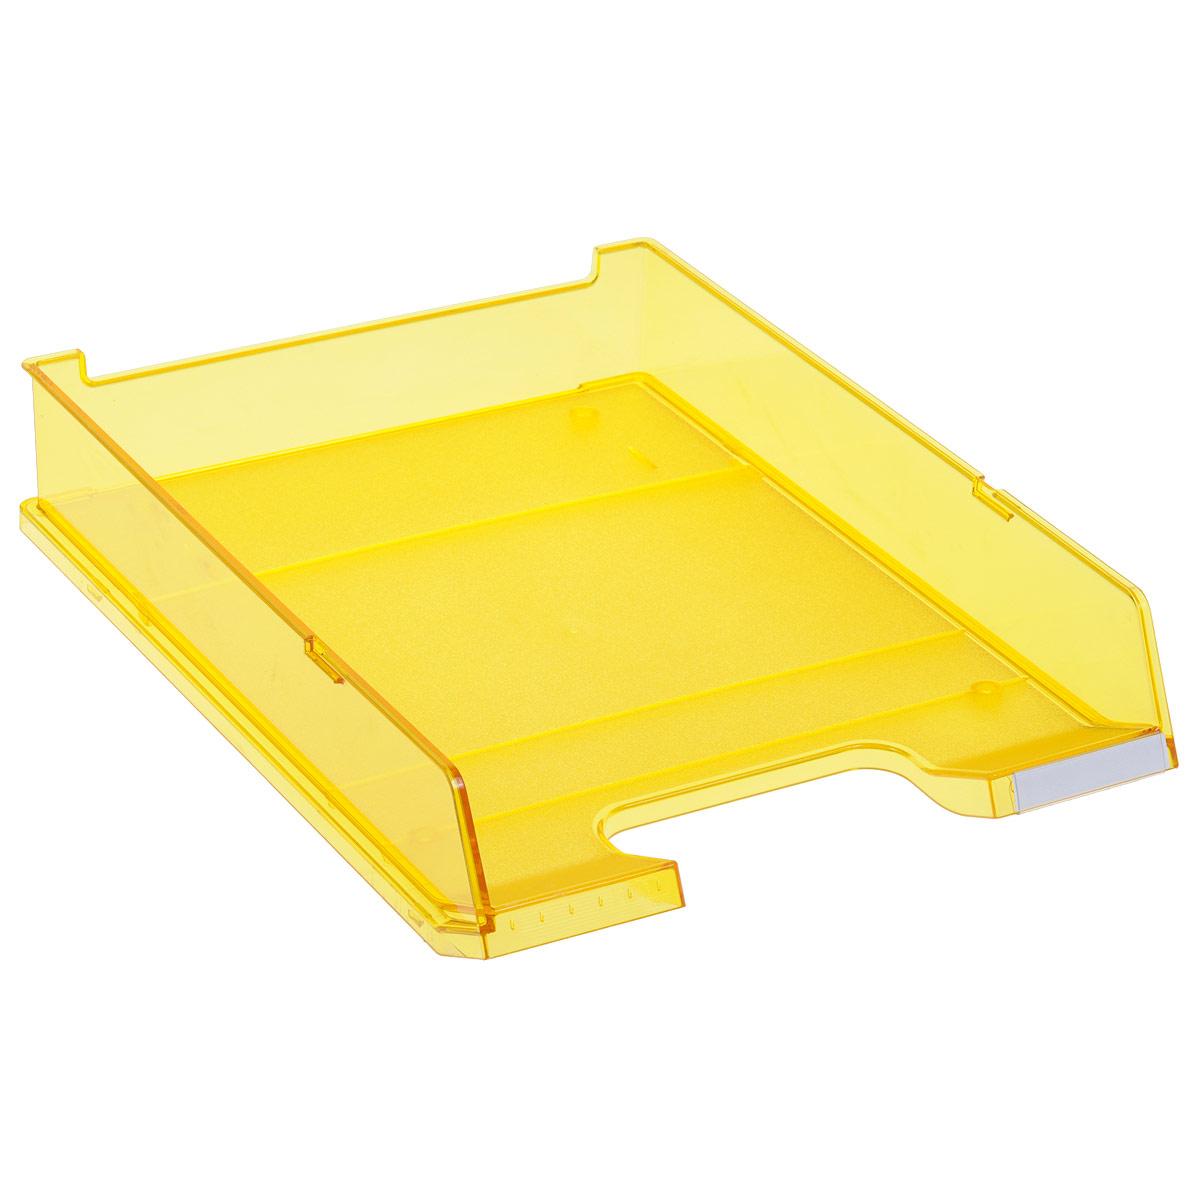 Лоток для бумаг горизонтальный HAN C4, прозрачный, цвет: желтыйHA1020/25Горизонтальный лоток для бумаг HAN C4 предназначен для хранения бумаг и документов формата А4. Лоток с оригинальным дизайном корпуса поможет вам навести порядок на столе и сэкономить пространство. Лоток изготовлен из экологически чистого прозрачного антистатического пластика. Приподнятая фронтальная часть лотка облегчает изъятие документов из накопителя. Лоток имеет пластиковые ножки, предотвращающие скольжение по столу. Также лоток оснащен небольшим прозрачным окошком для этикетки. Лоток для бумаг станет незаменимым помощником для работы с бумагами дома или в офисе, а его стильный дизайн впишется в любой интерьер. Благодаря лотку для бумаг, важные бумаги и документы всегда будут под рукой. Несколько лотков можно ставить друг на друга, один в другой и друг на друга со смещением.